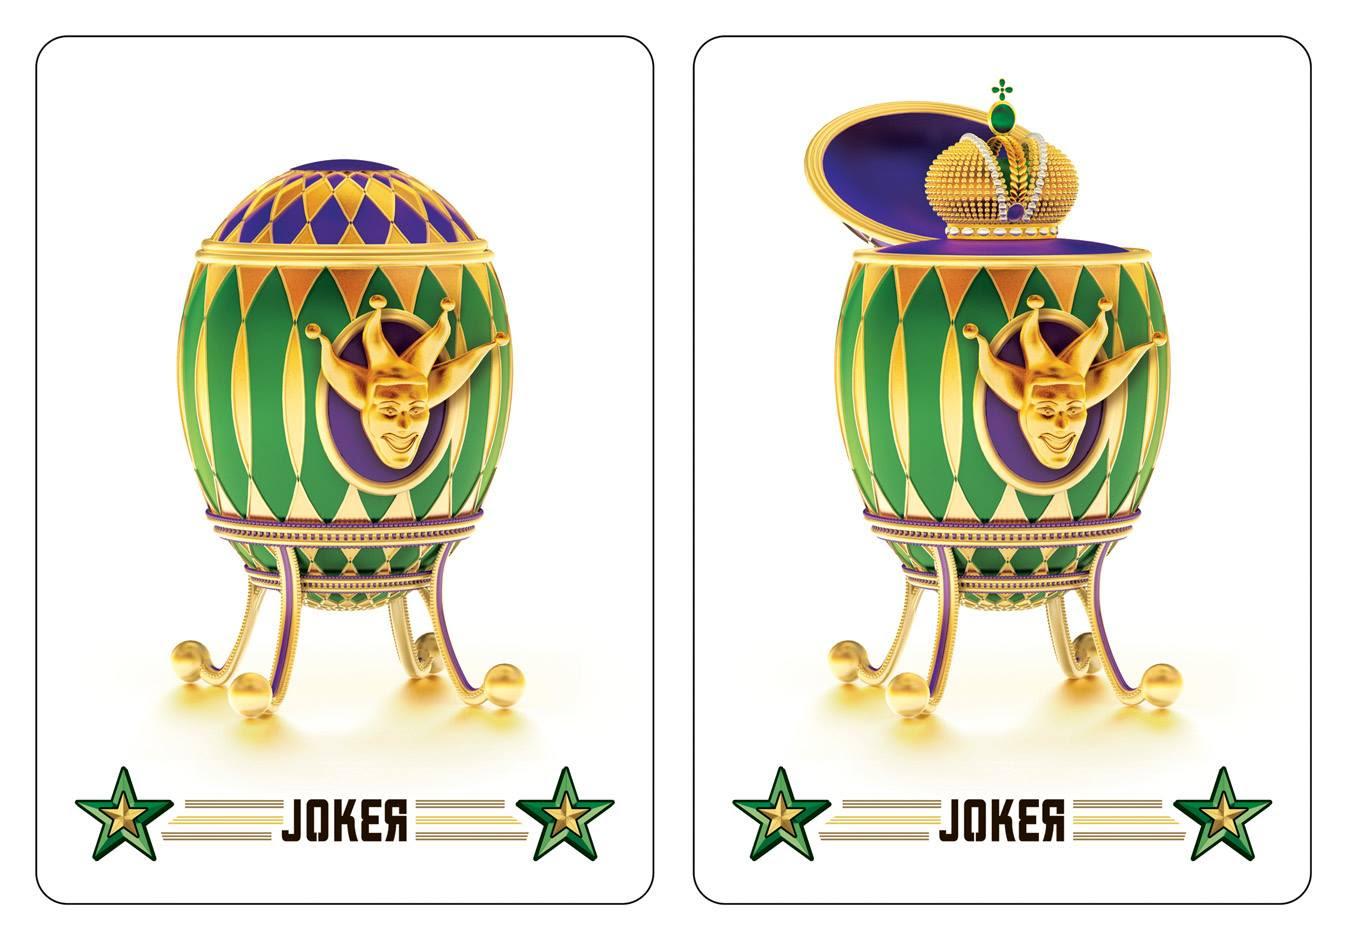 Imperial Jokers